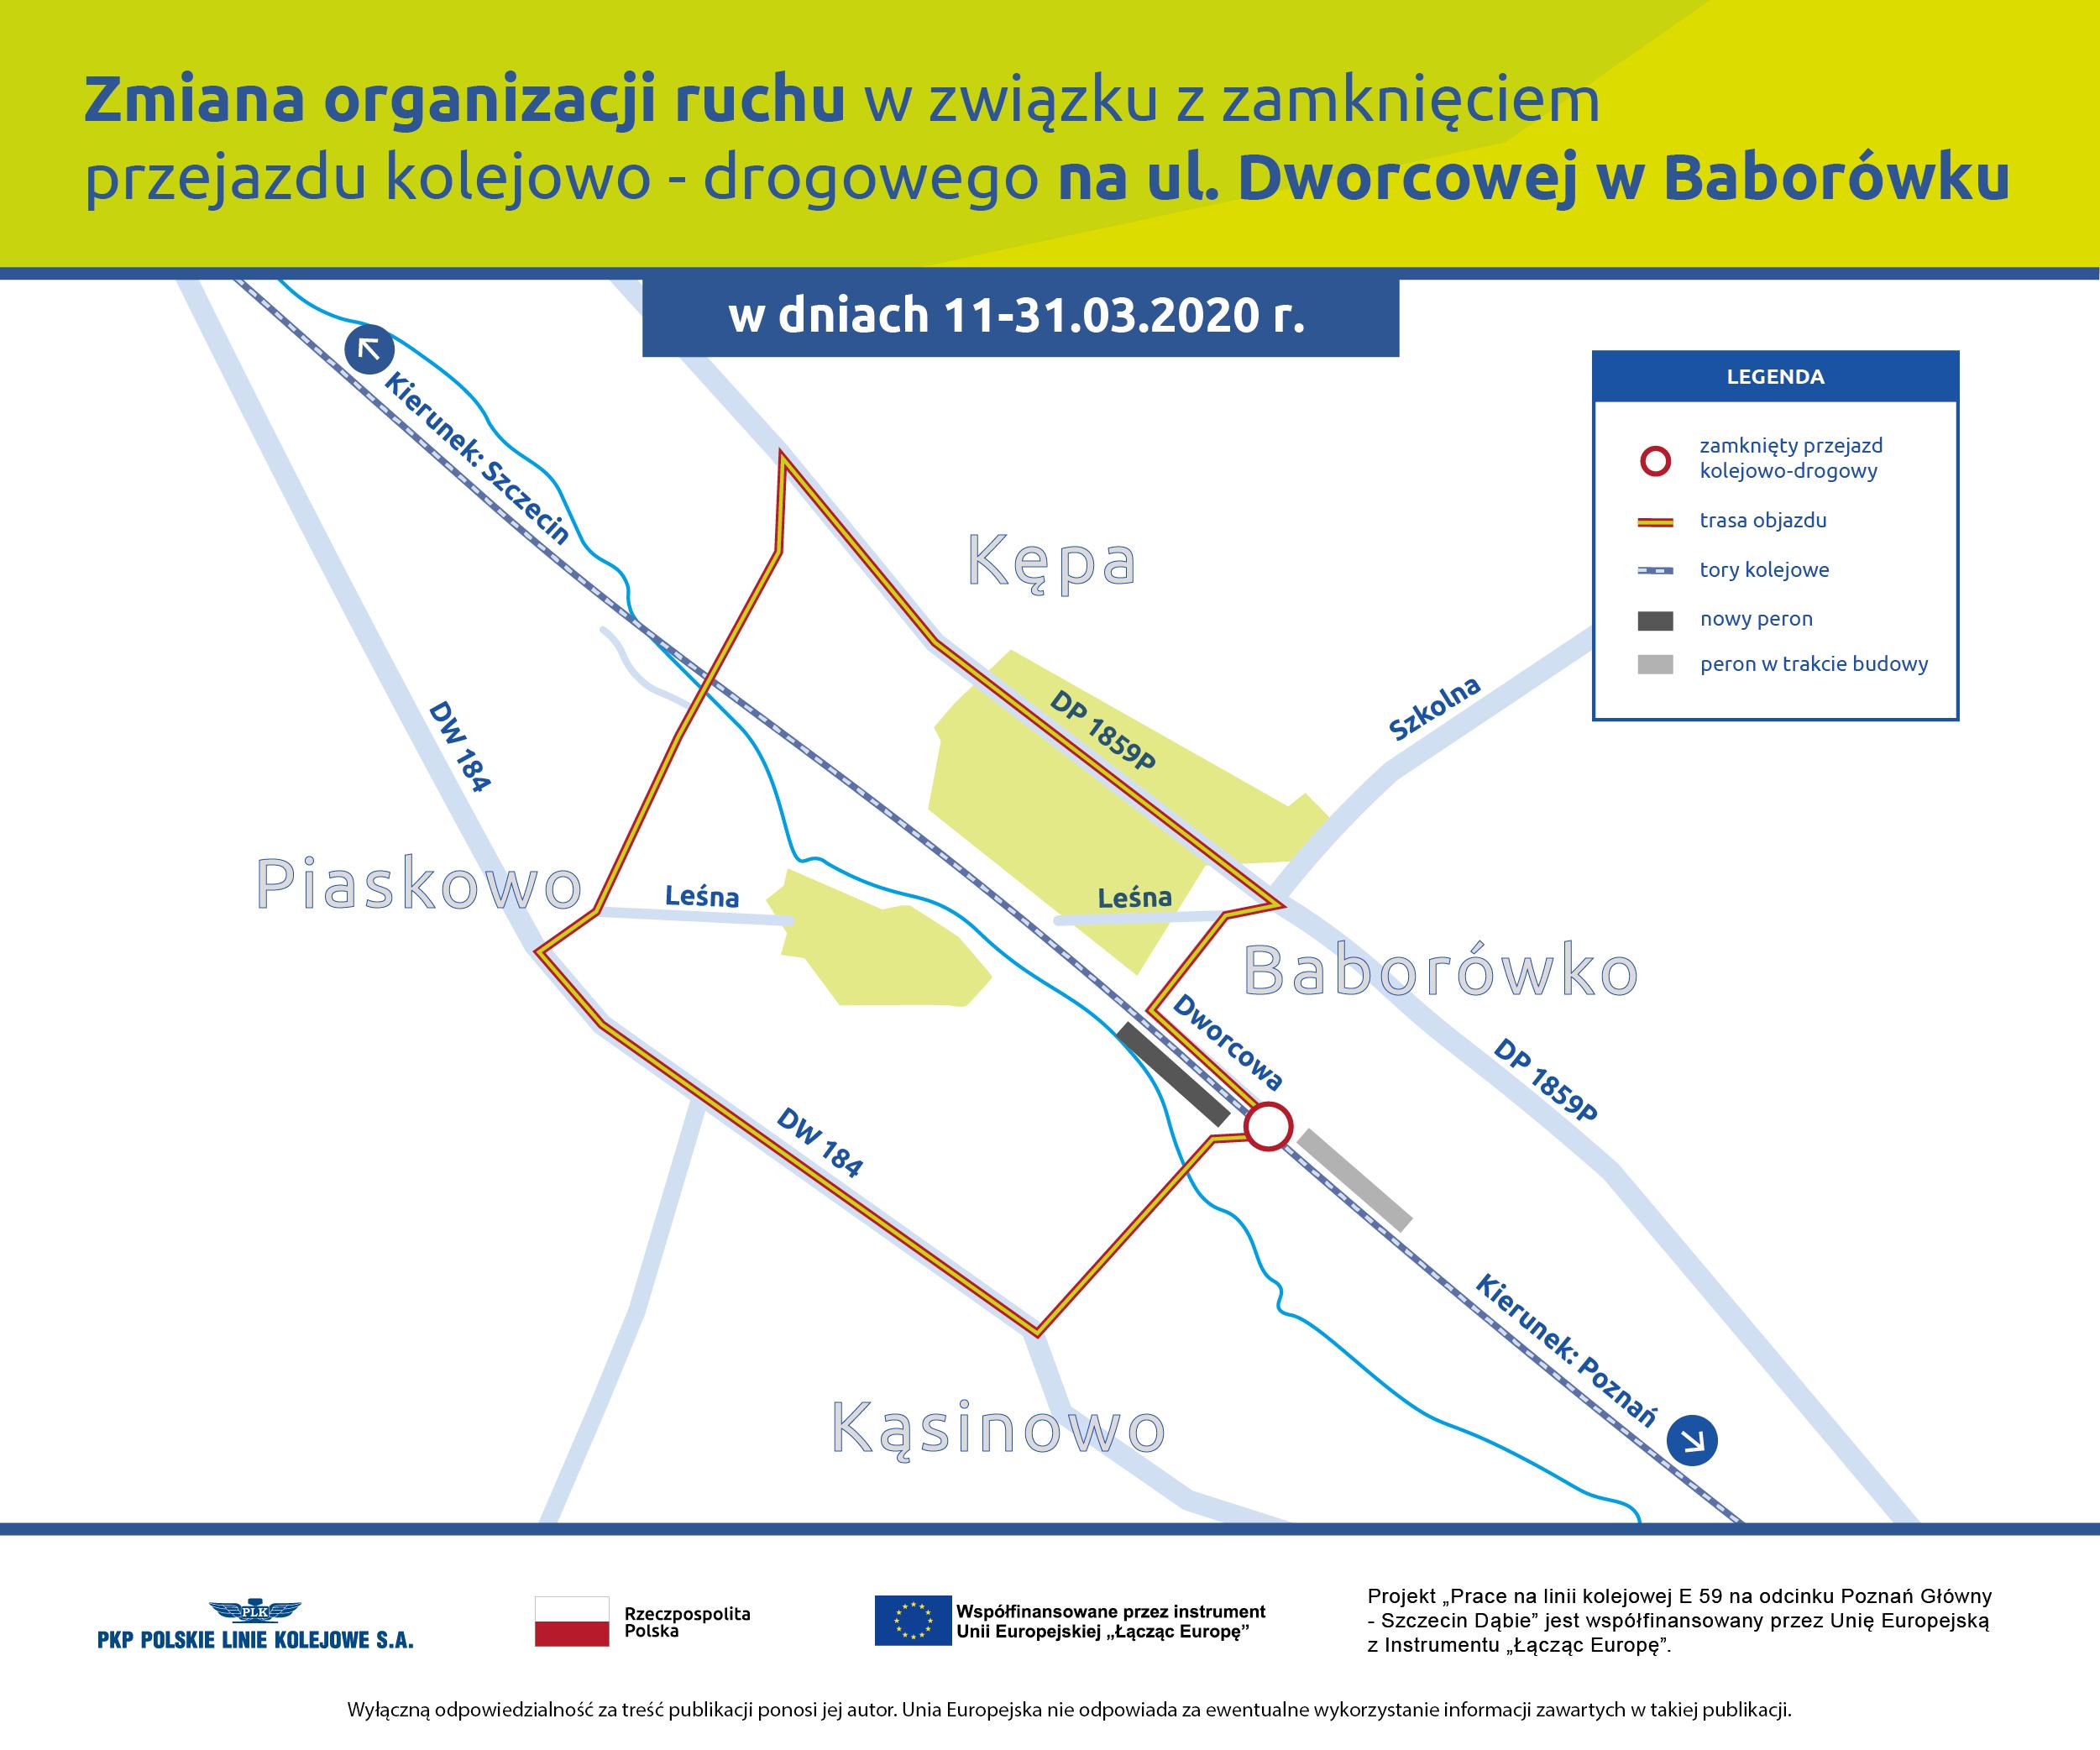 Infografika przedstawiająca mapę ze zmianą organizacji ruchu w związku z zamknięciem przejazdu kolejowo-drogowego na ul. Dworcowej